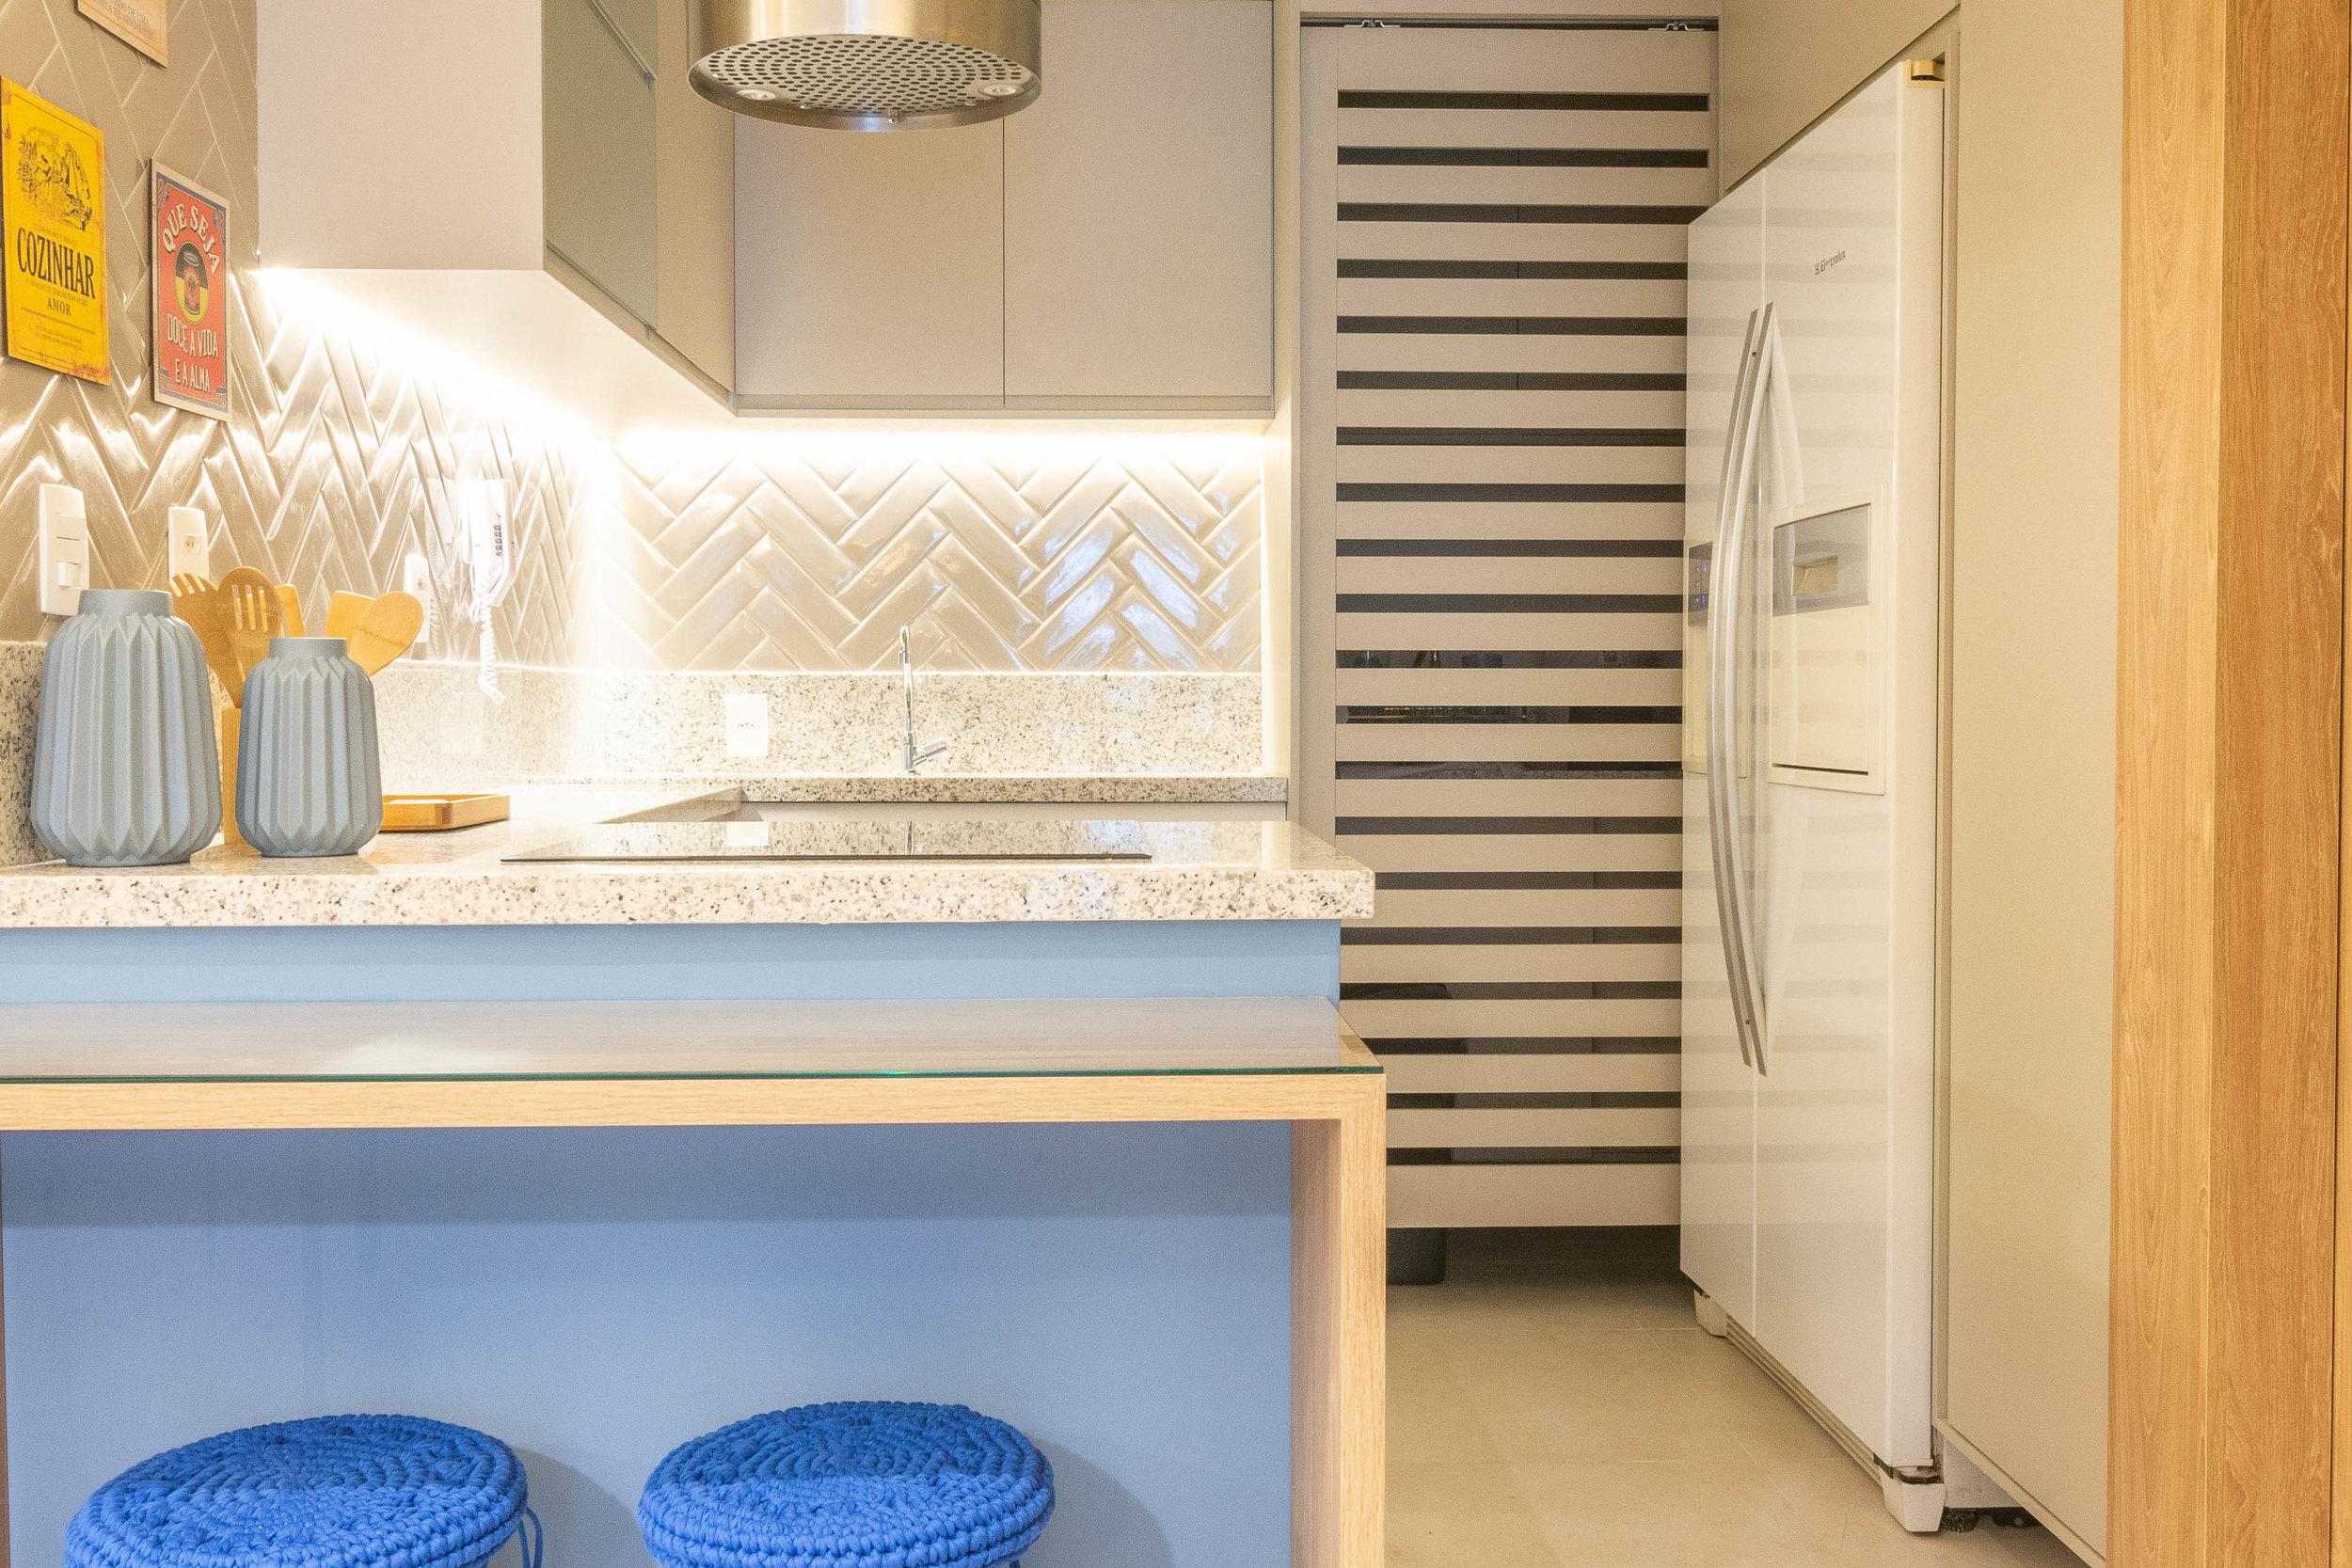 projeto-arquitetonico-luciananilton-duo-arquitetura-apartamentos-praia-013.jpg